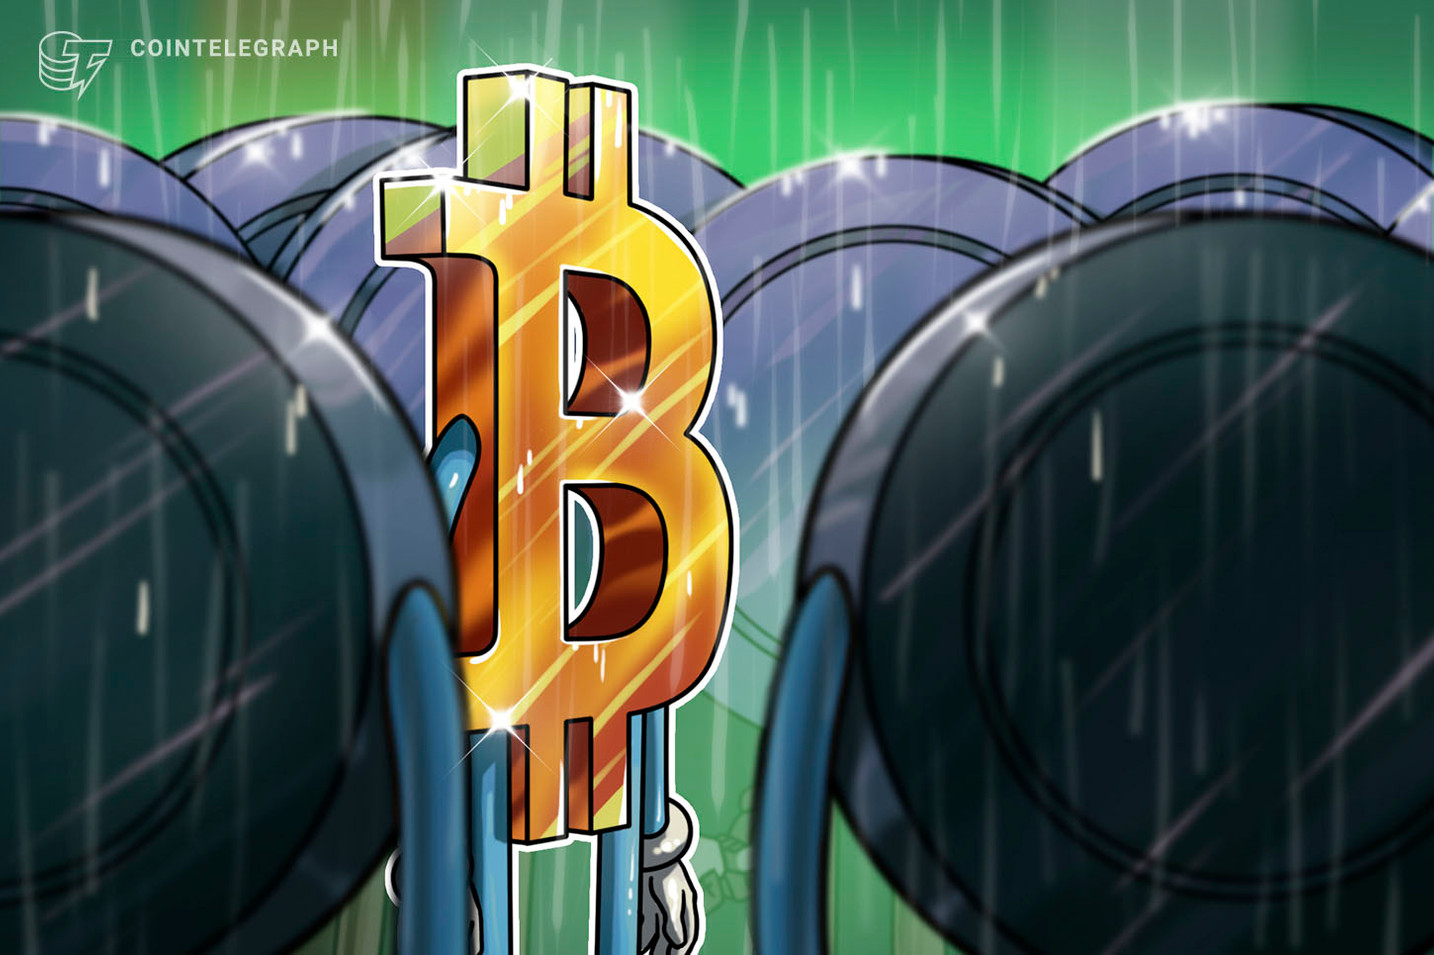 インドで仮想通貨禁止令の報道出る中、財務相は「ビットコインに『窓』を与える」と発言